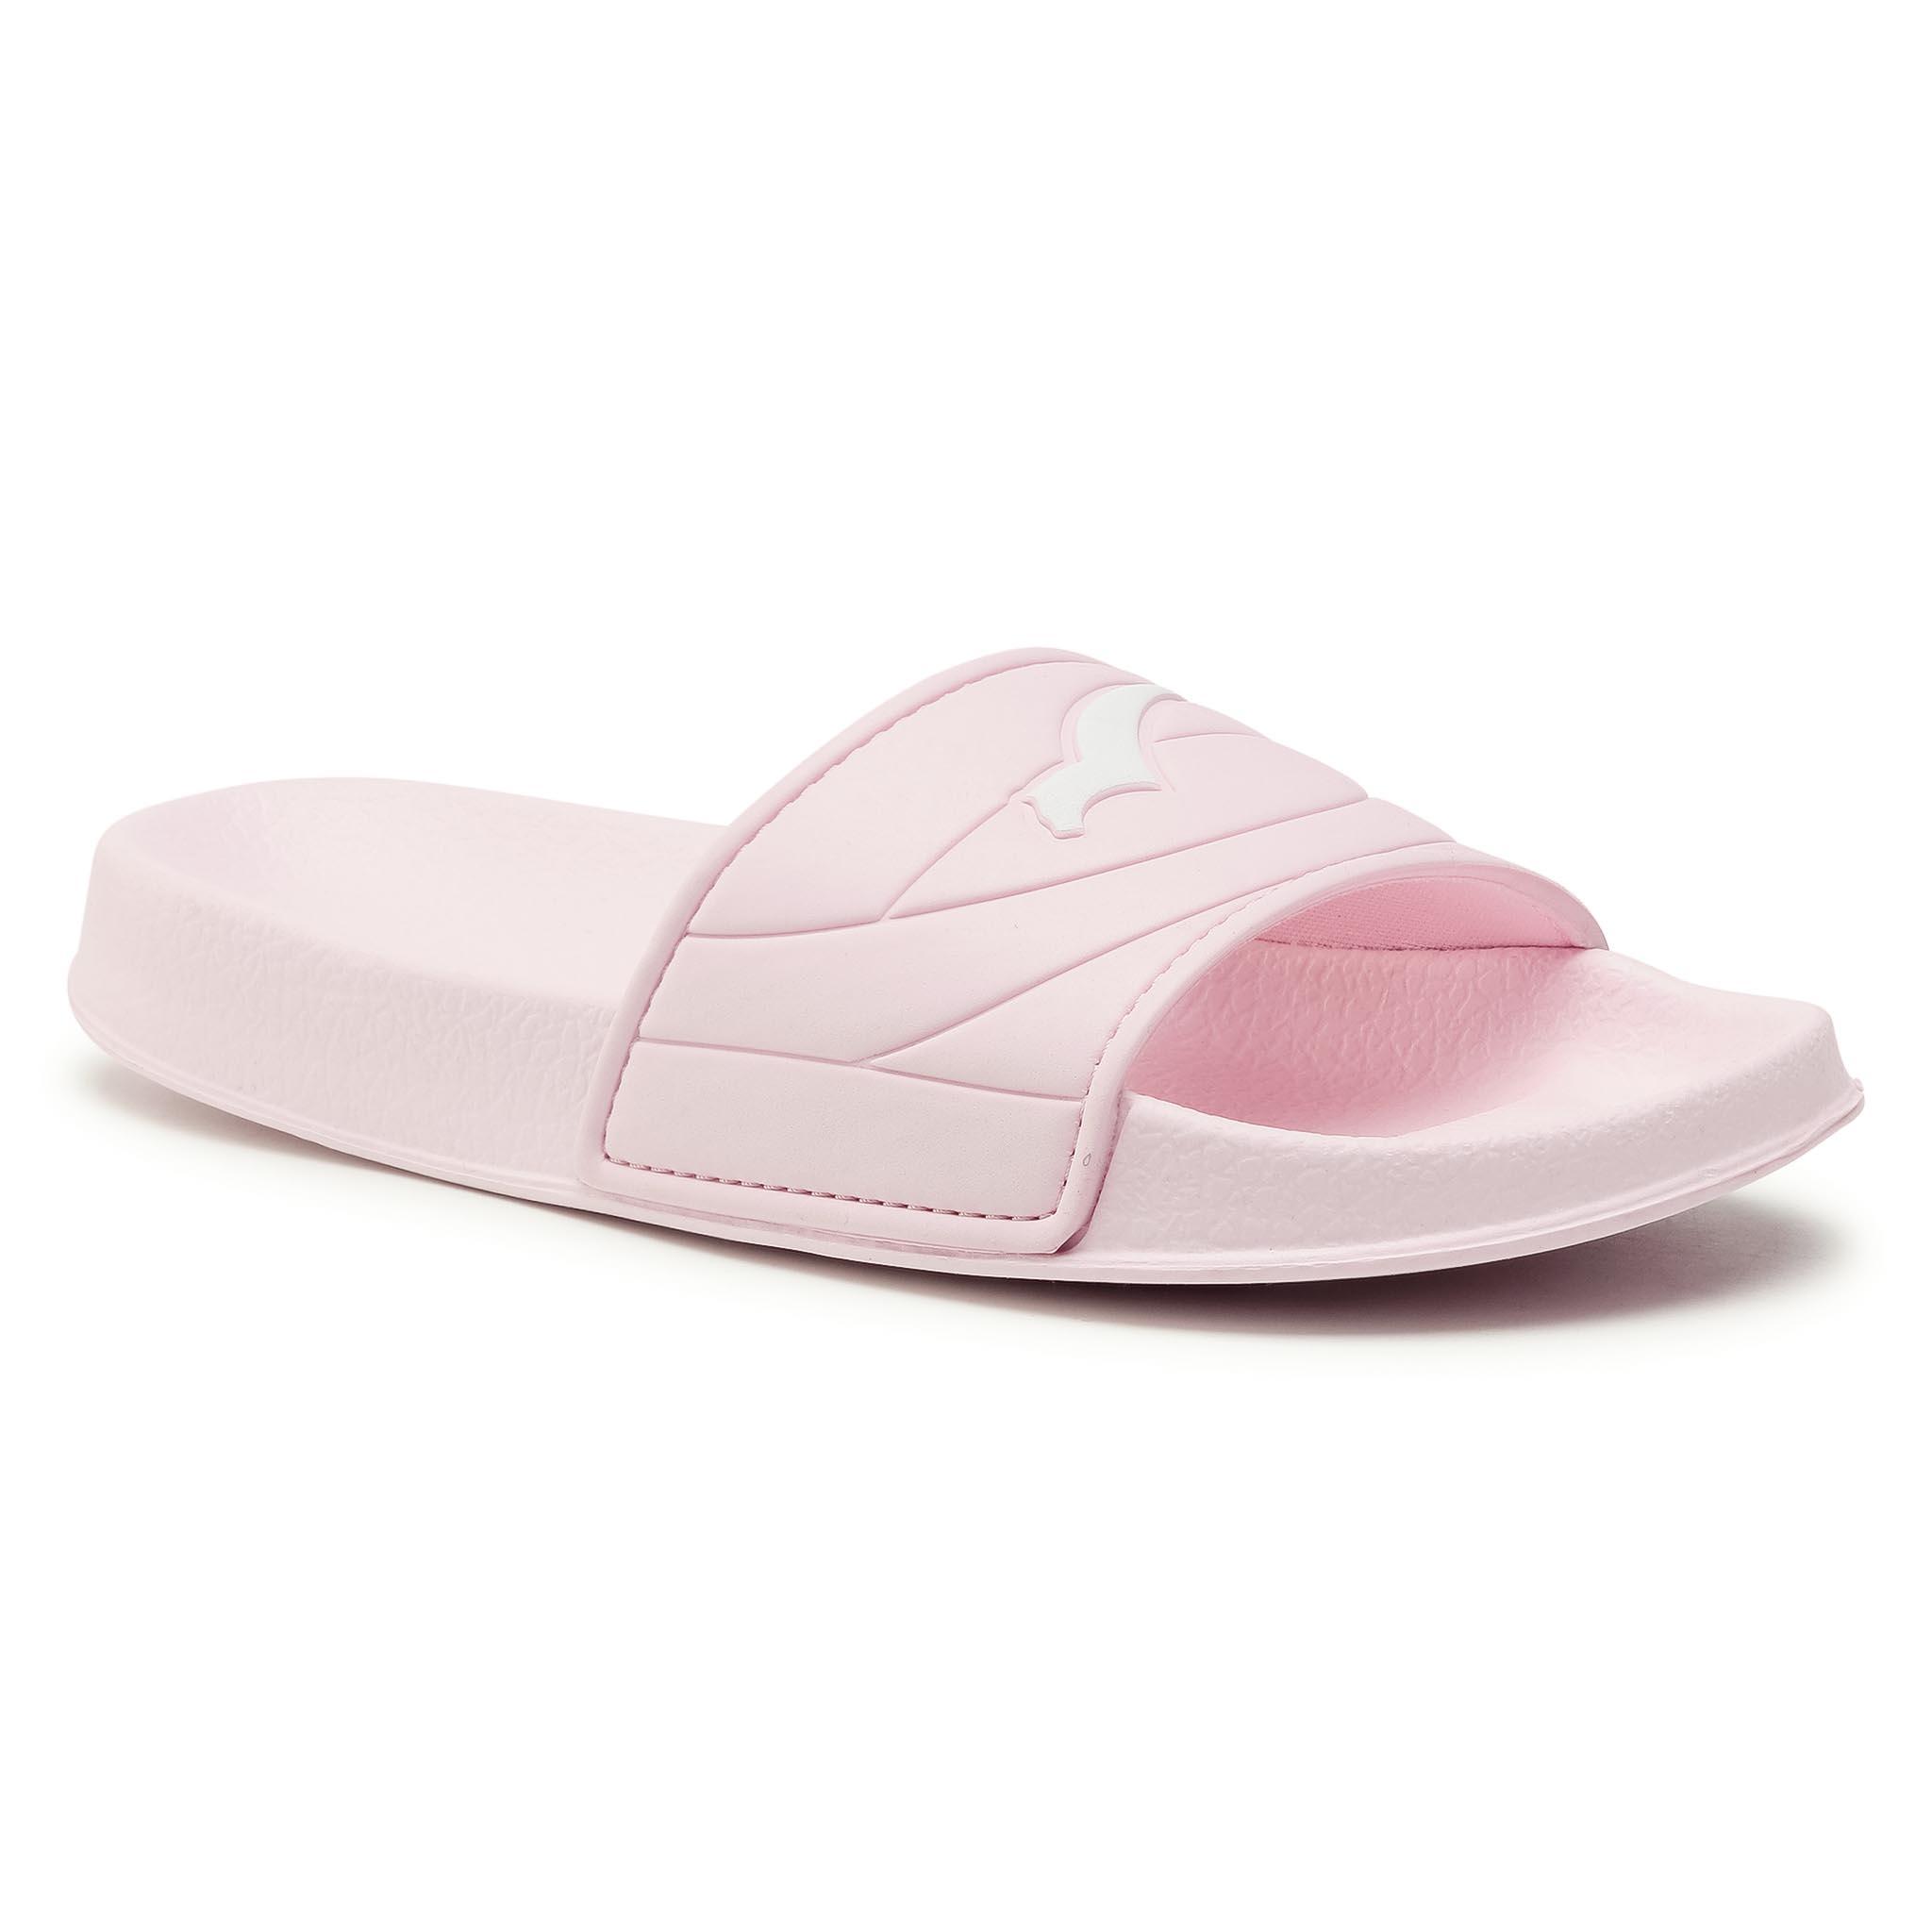 Image of Pantoletten BAGHEERA - Bermuda 86317 C4000 Light Pink